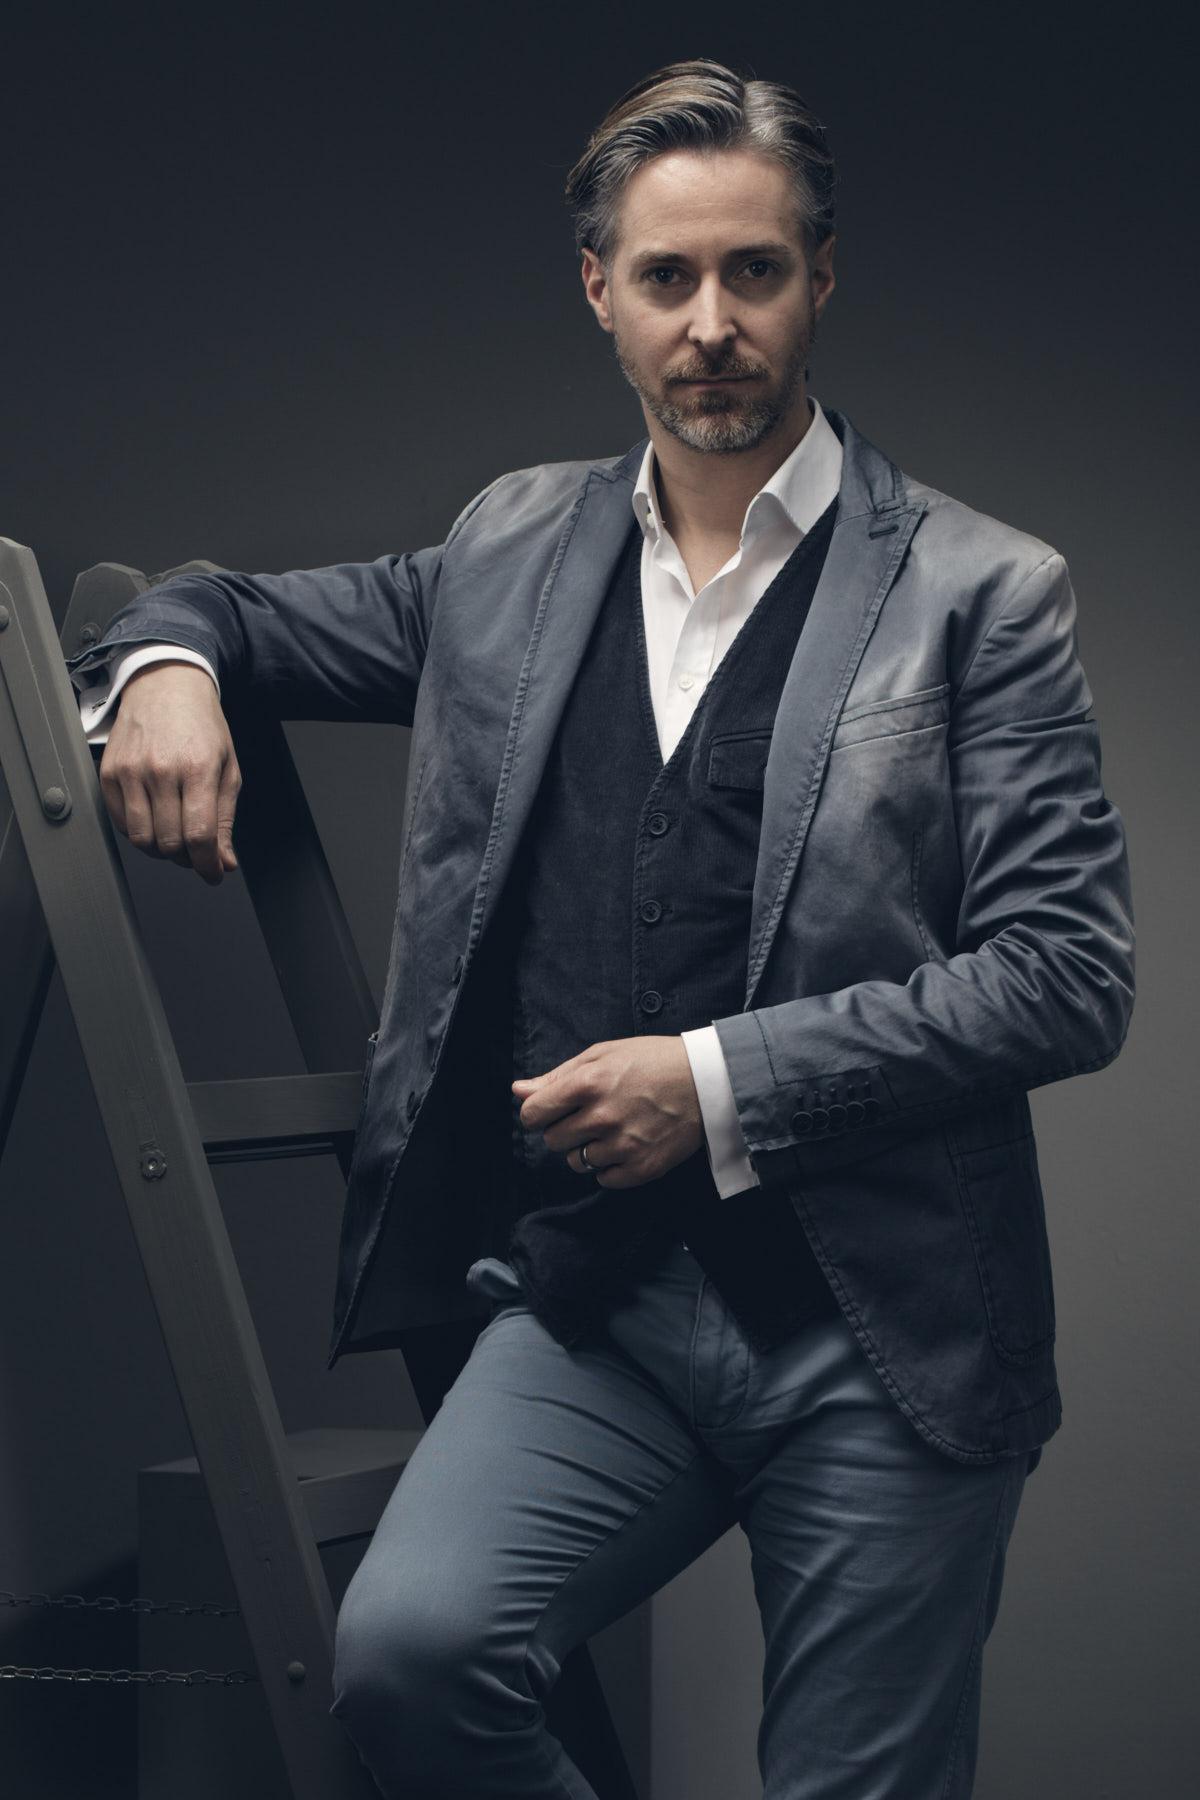 Künstlerportrait eines Schauspielers, der ein Drycorn Jacket trägt und  sich auf eine graue Leiter stützt